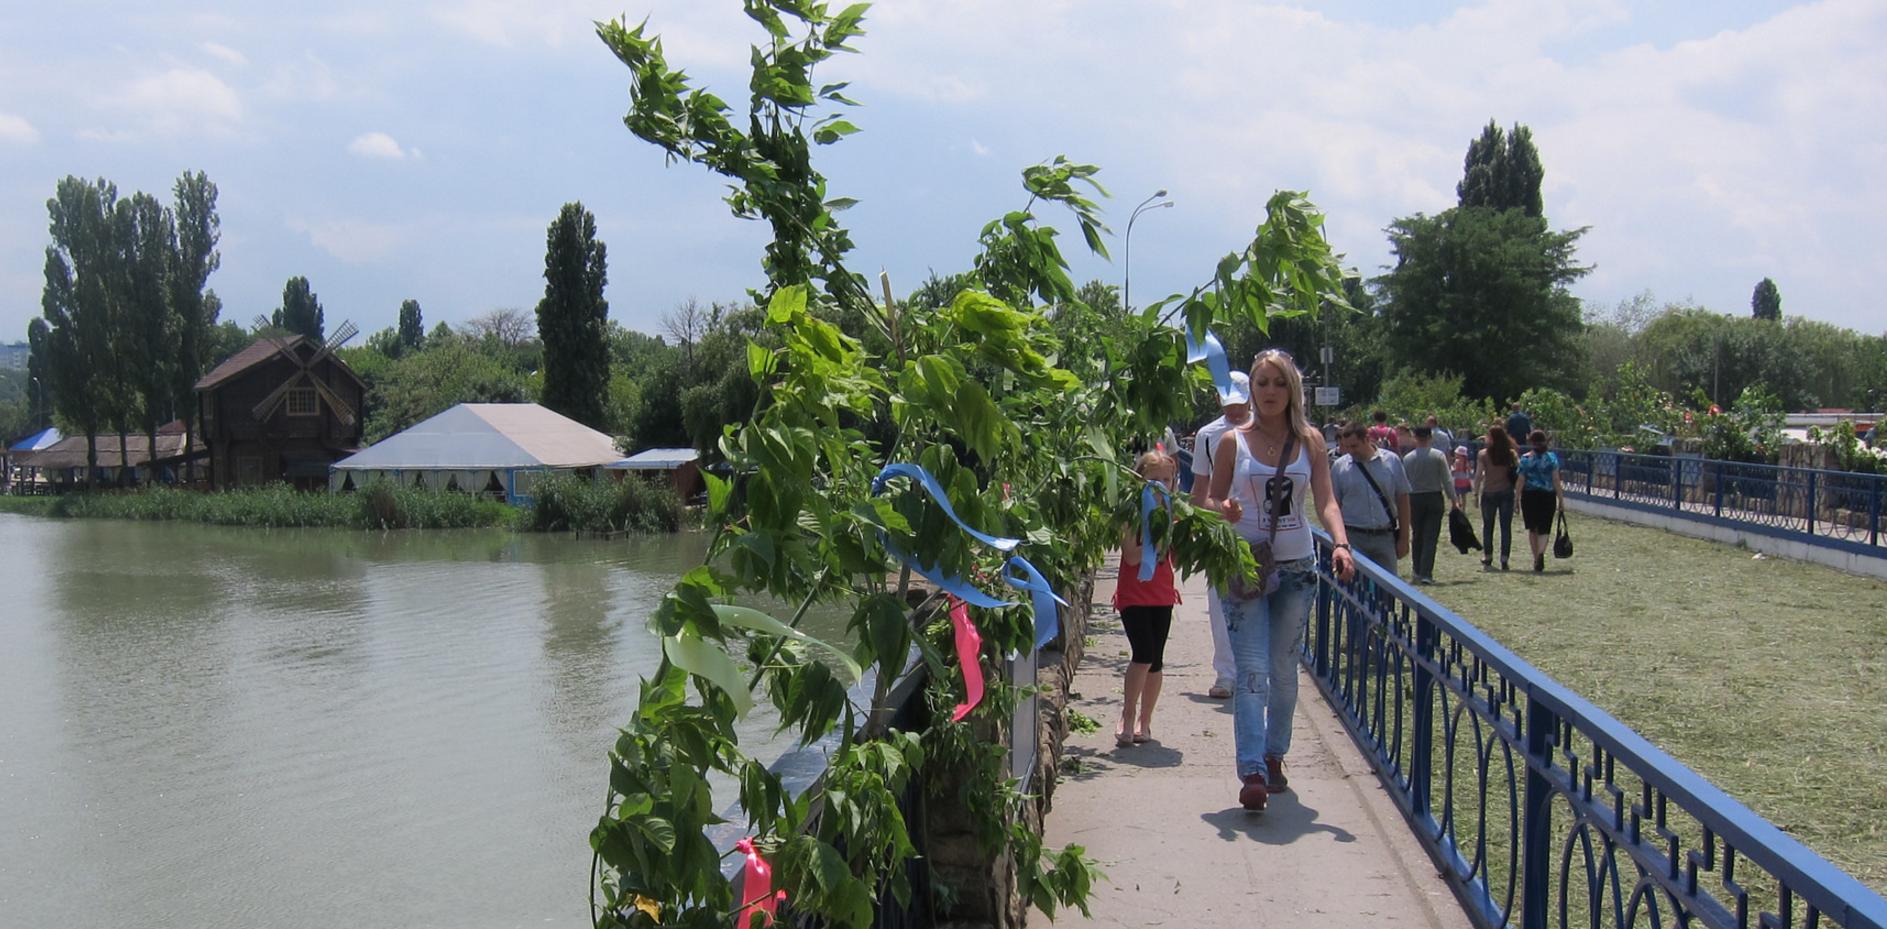 Мост с улицы Трамвайной в парк культуры и отдыха Солнечный остров